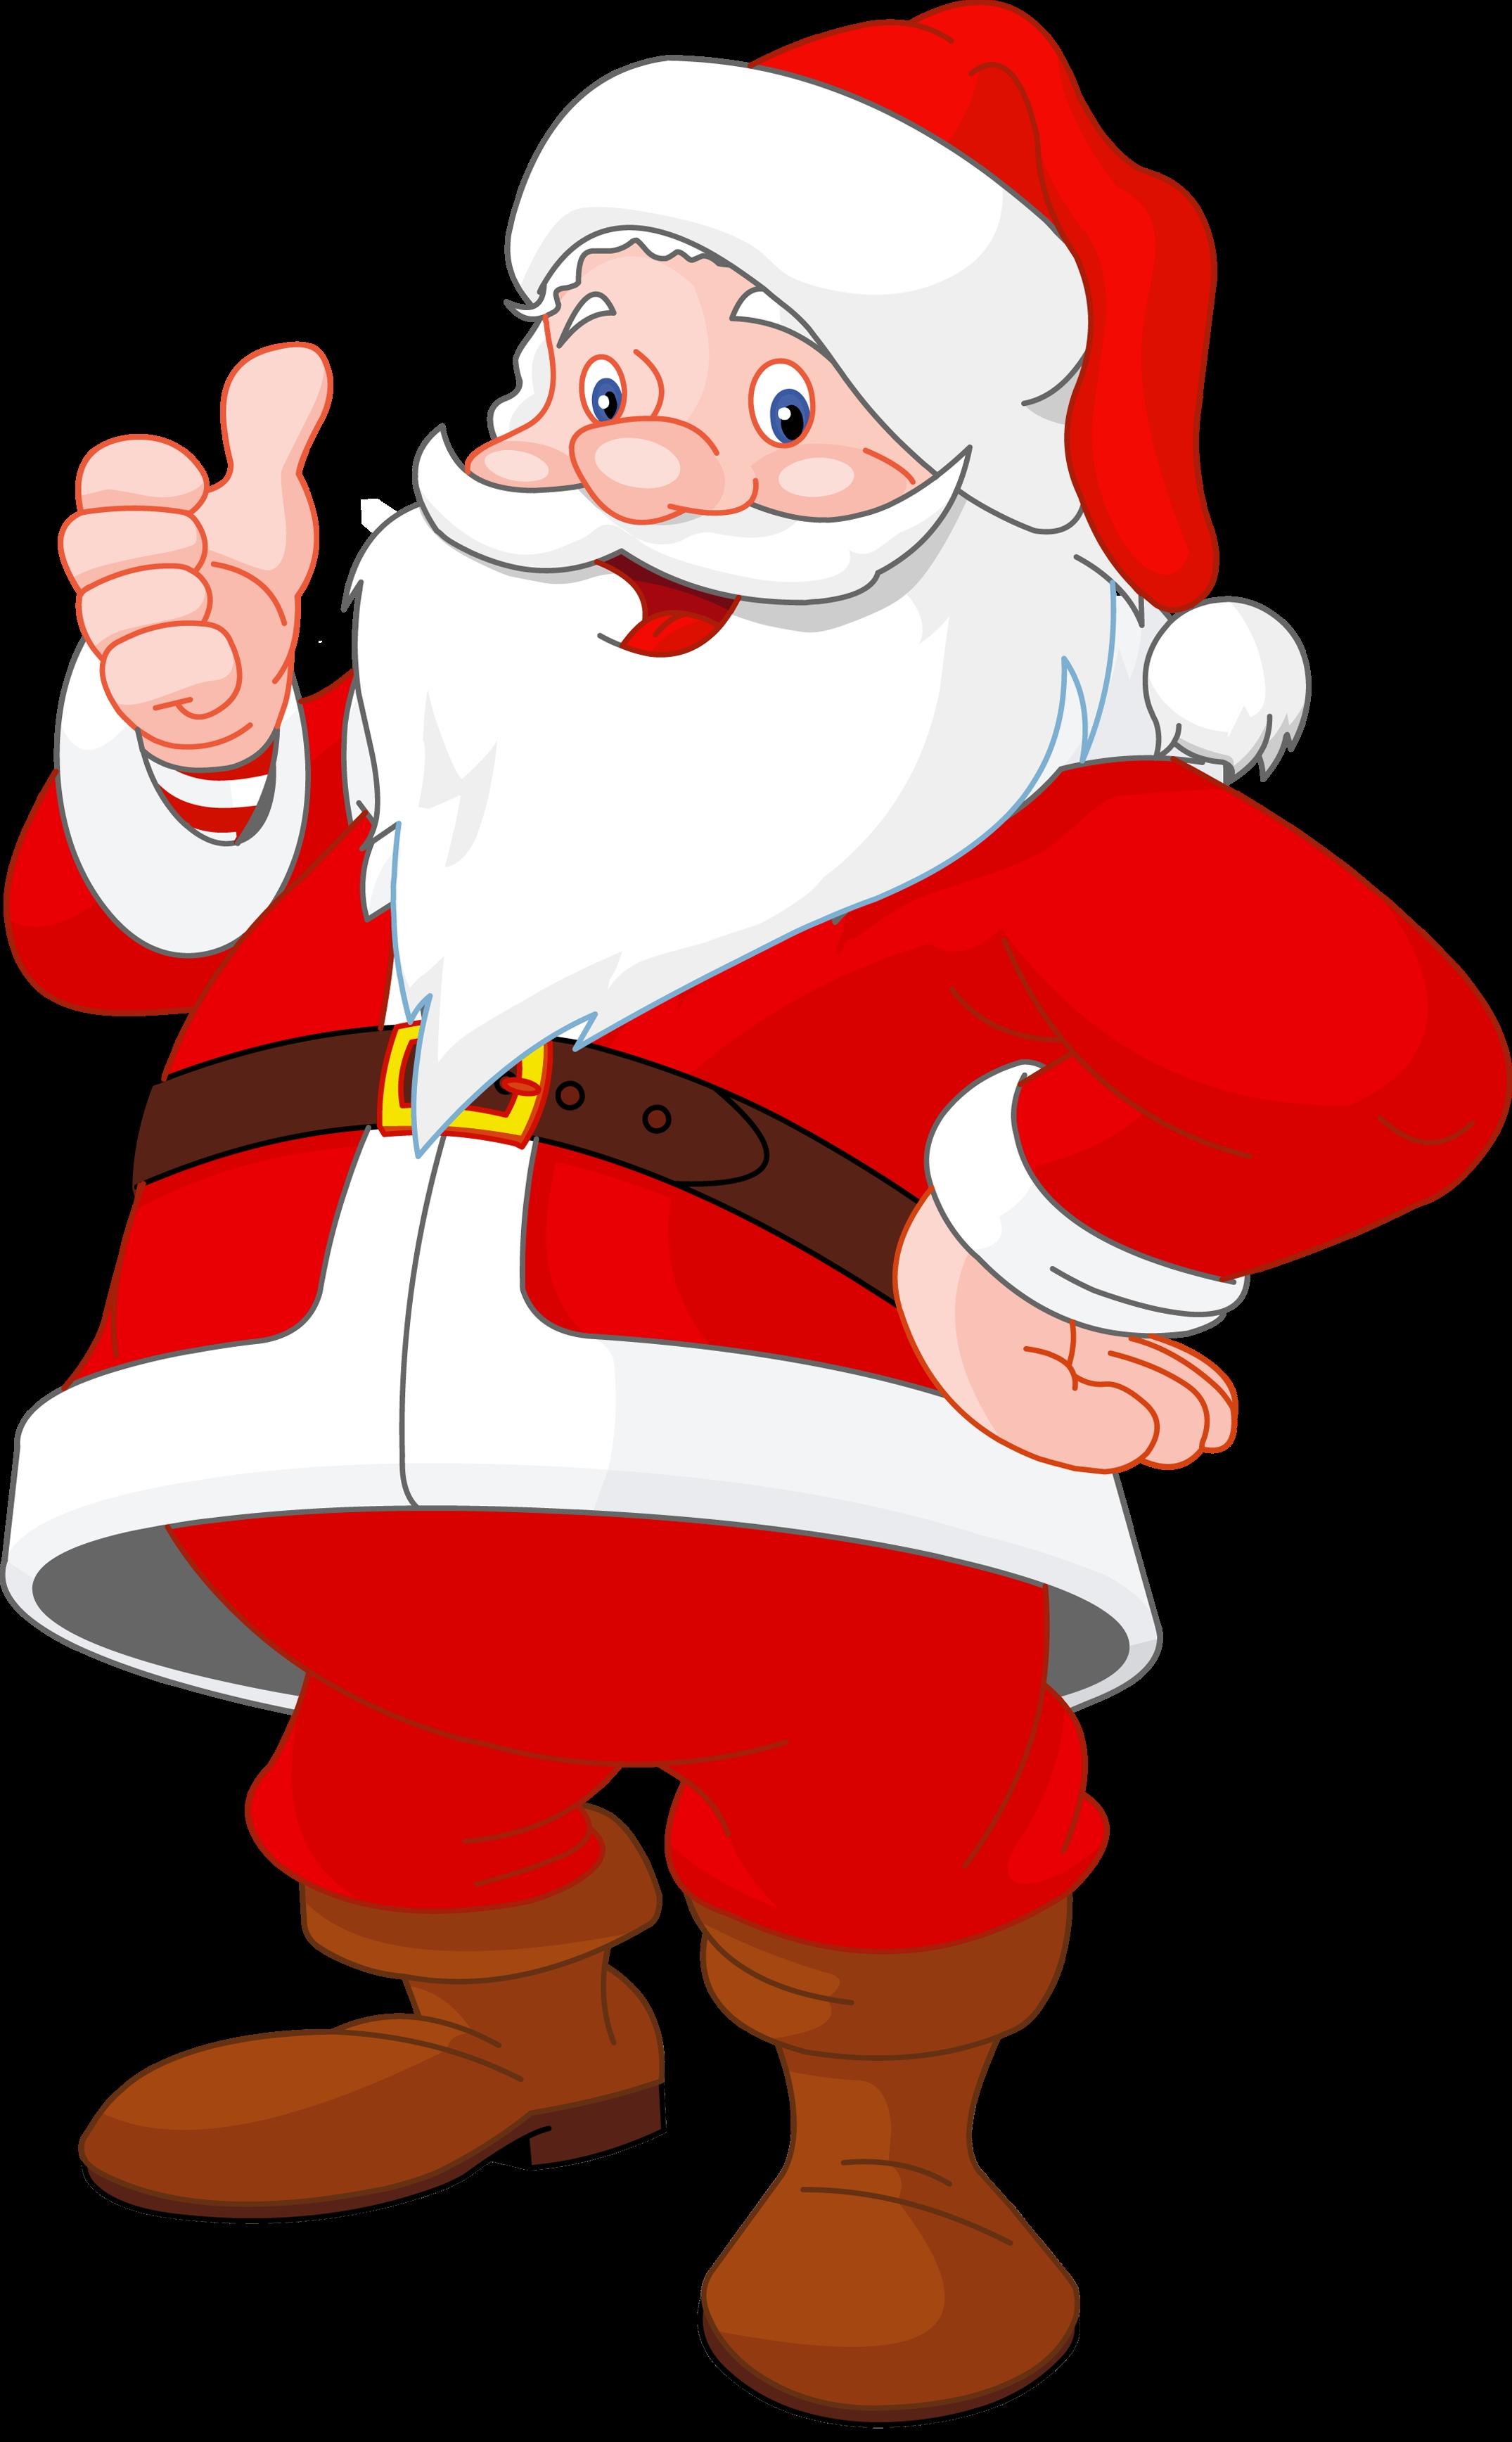 Wallpaper clipart santa claus Art Santa Wallpaper Clip